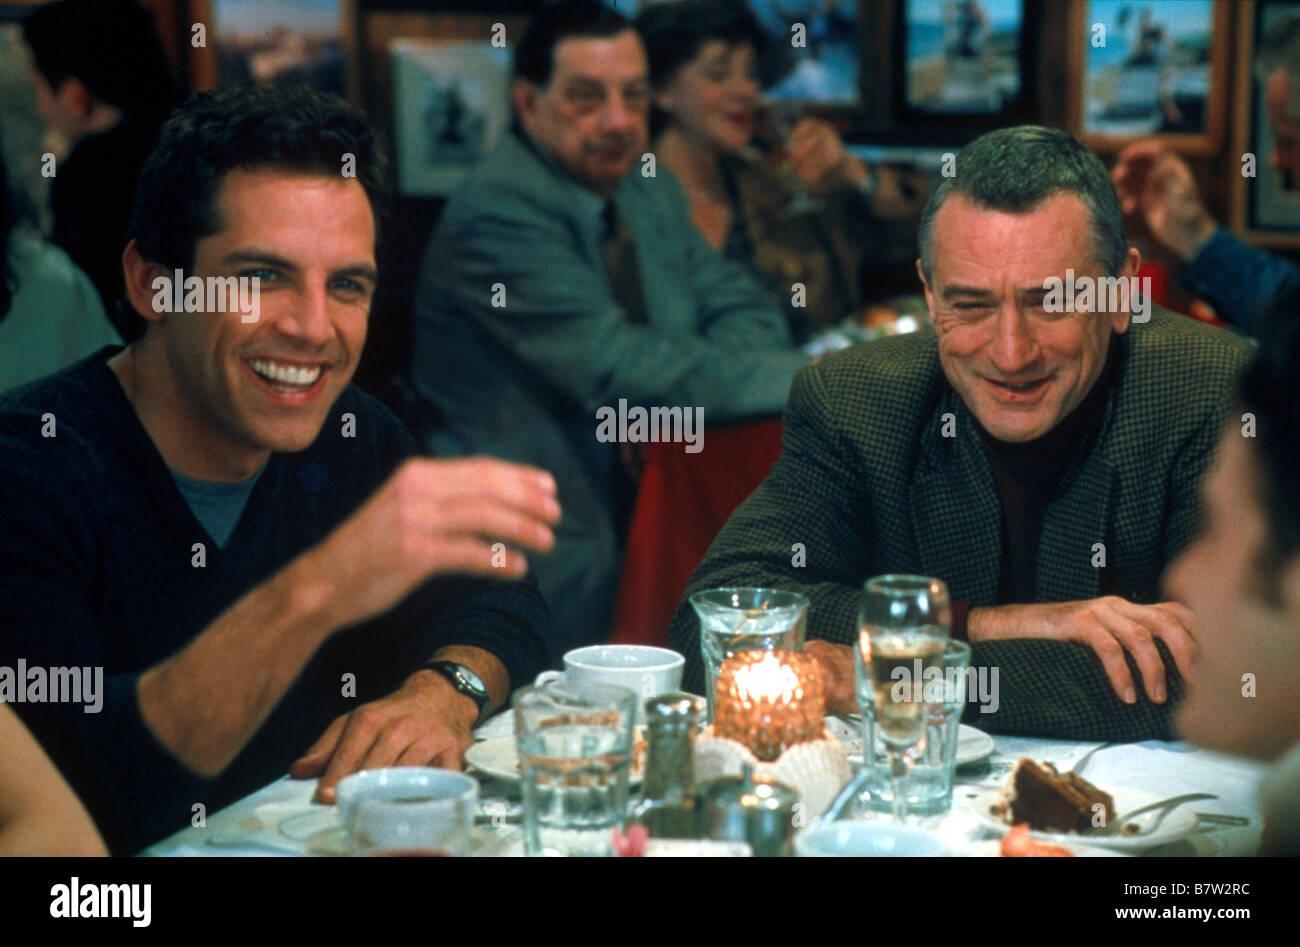 Meet the Parents   Year: 2000  USA Ben Stiller, Robert De Niro  Director: Jay Roach - Stock Image